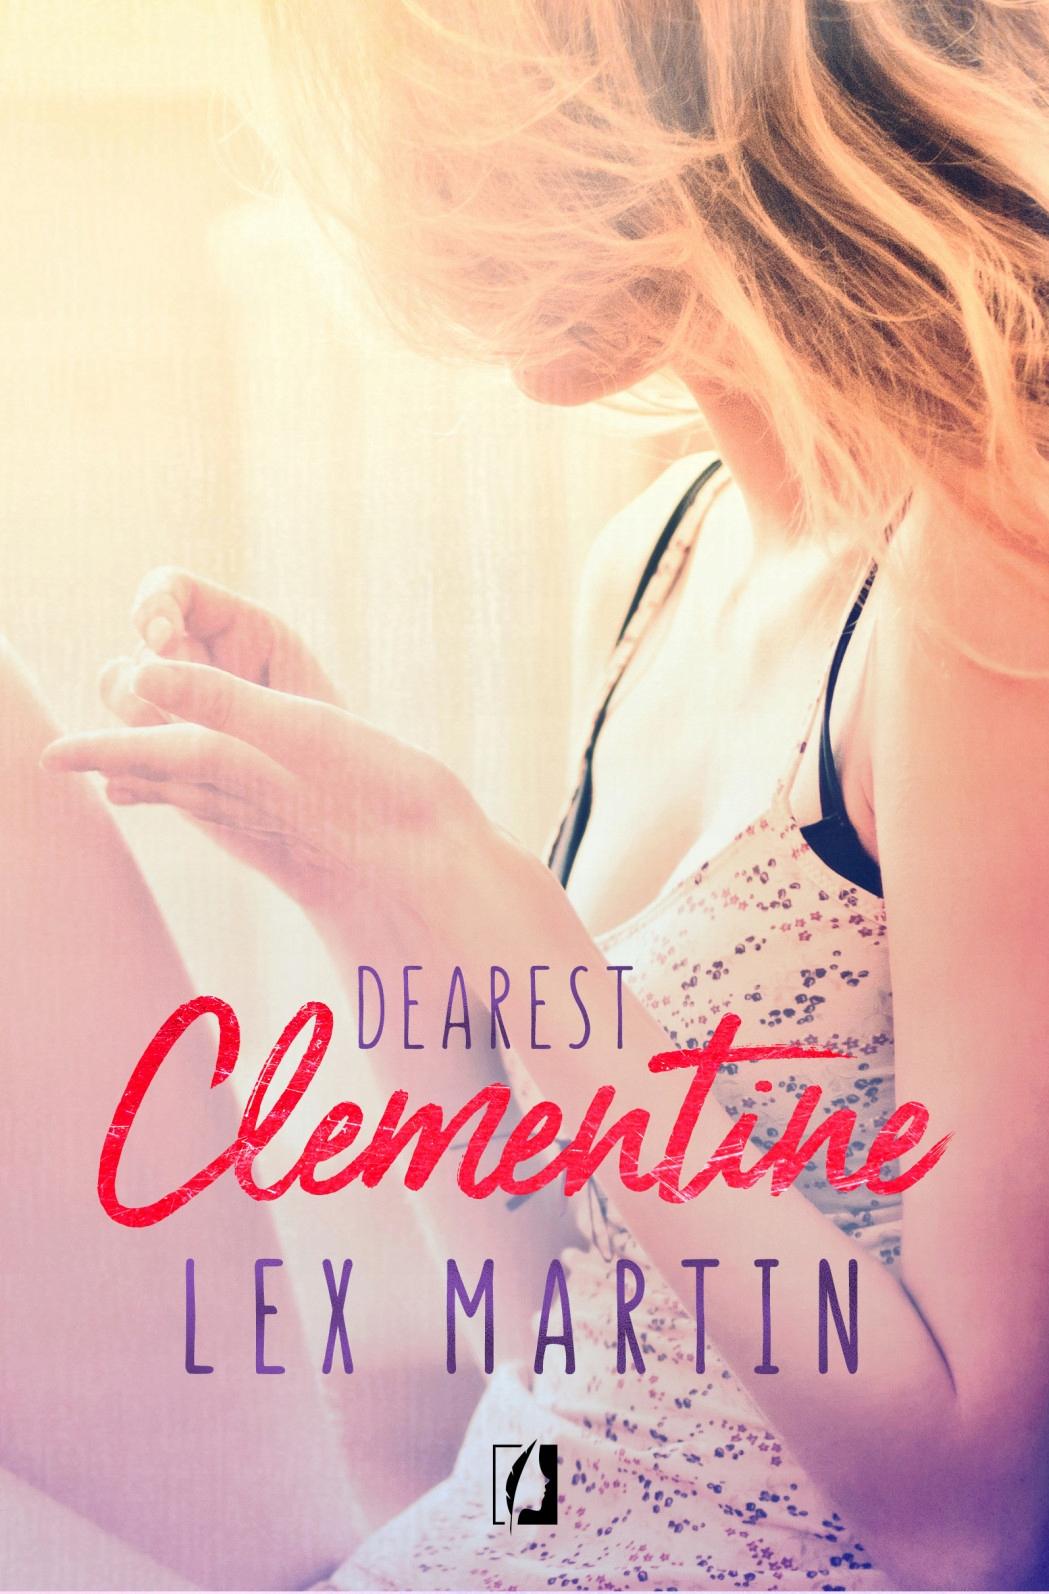 Dearest. Clementine - Lex Martin